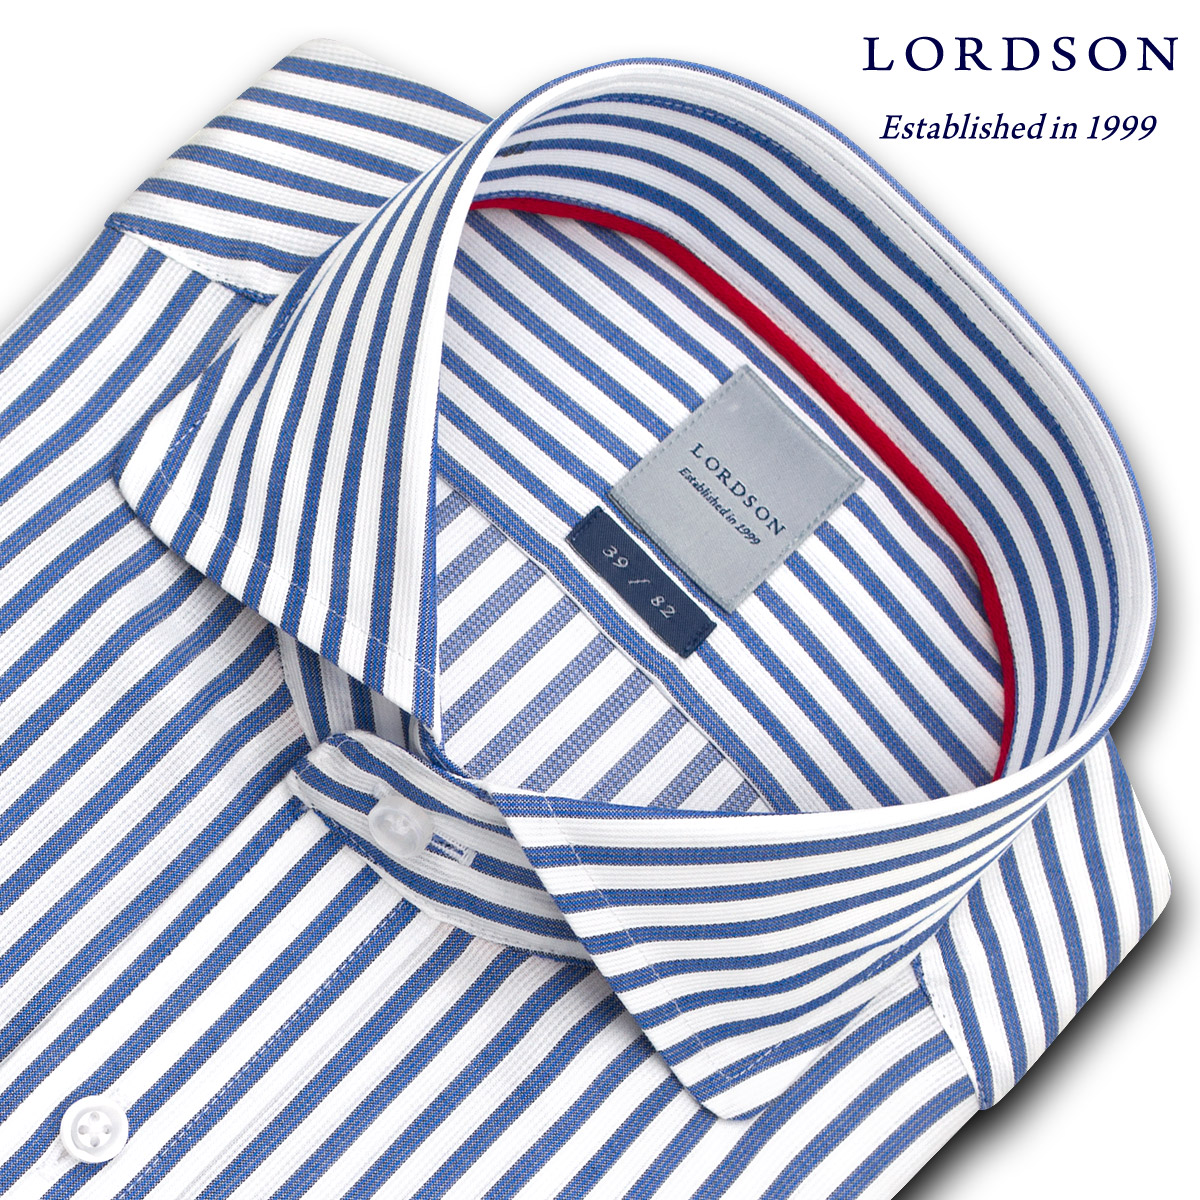 3781a2ef1ea88 着てカッコイイシャツ LORDSON の定番品 LORDSON 長袖 ワイシャツ メンズ 春夏秋冬 形態